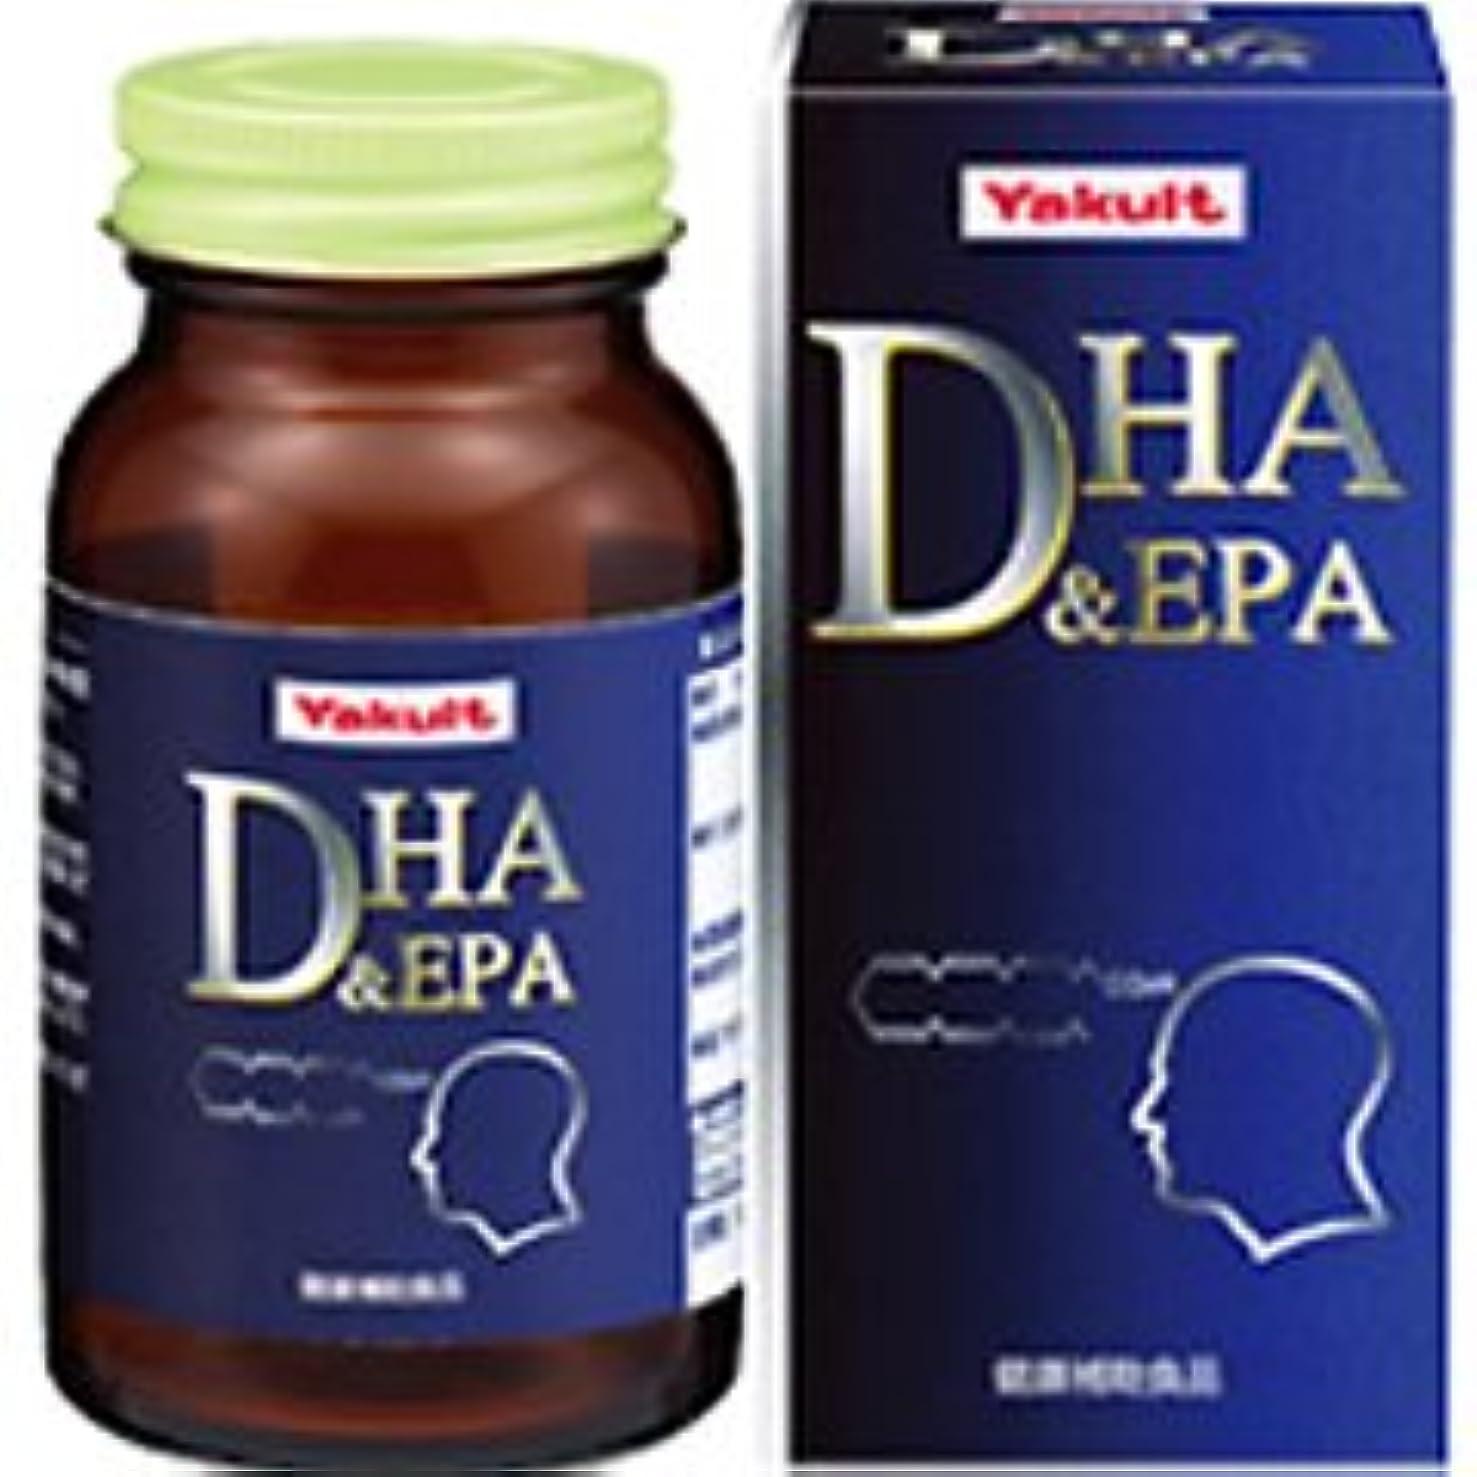 フリンジボトル戻る【ヤクルトヘルスフーズ】DHA&EPA 240粒